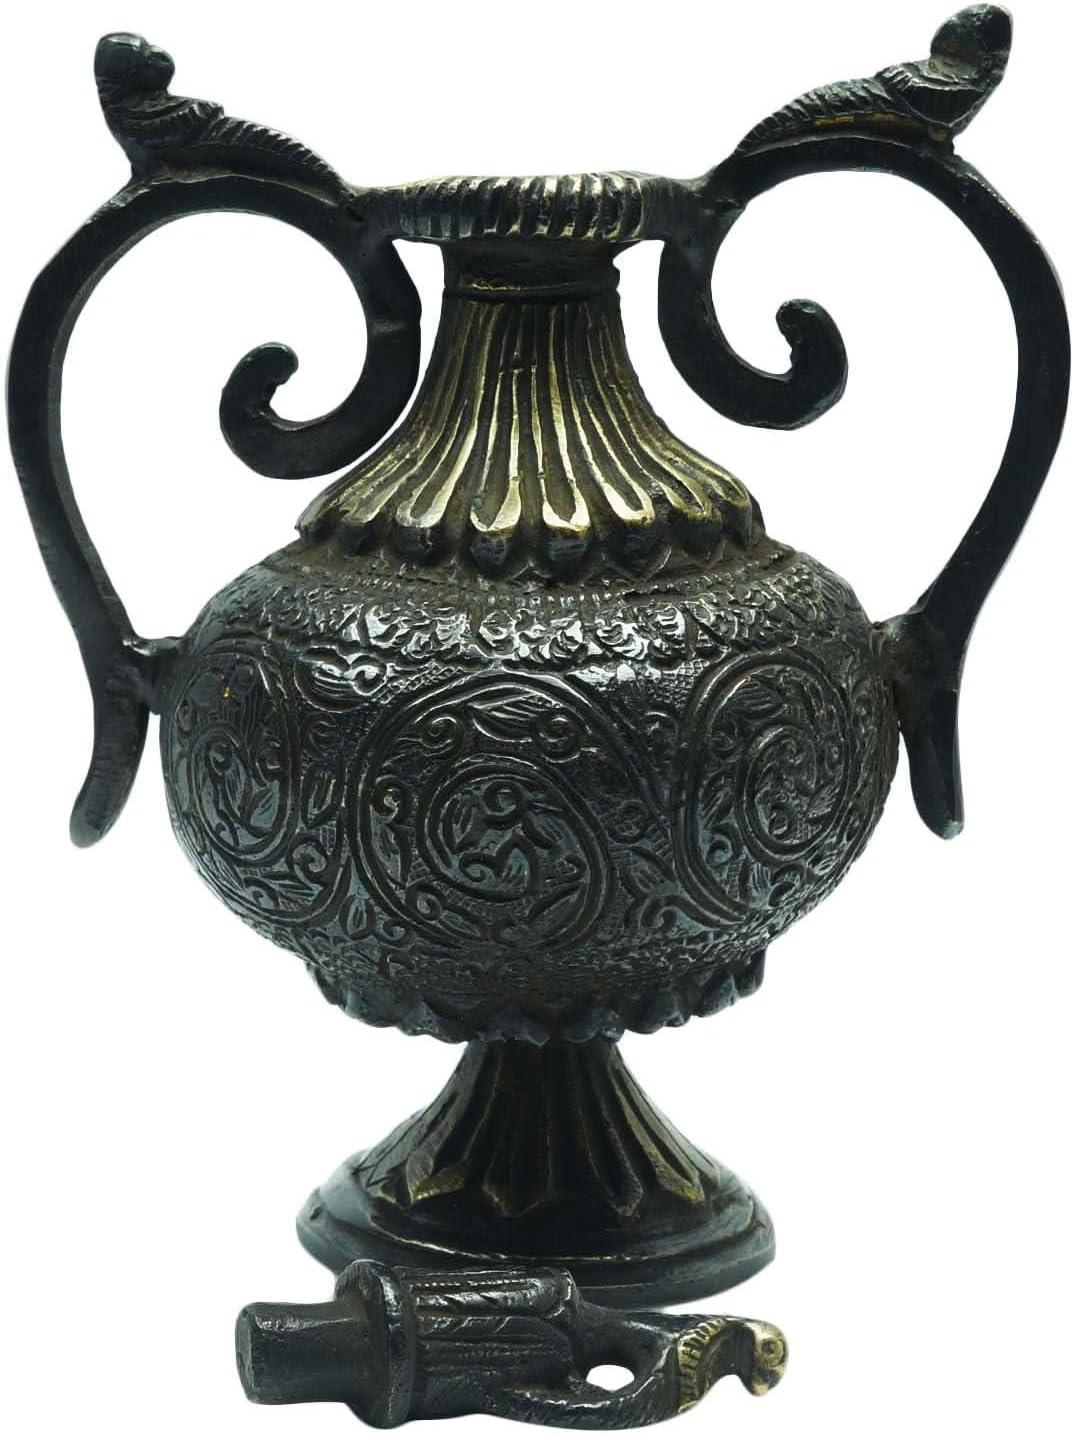 装飾アンティーク真鍮 Surahi コレクション可能 ハンドメイド テーブル像 ホームデコレーション